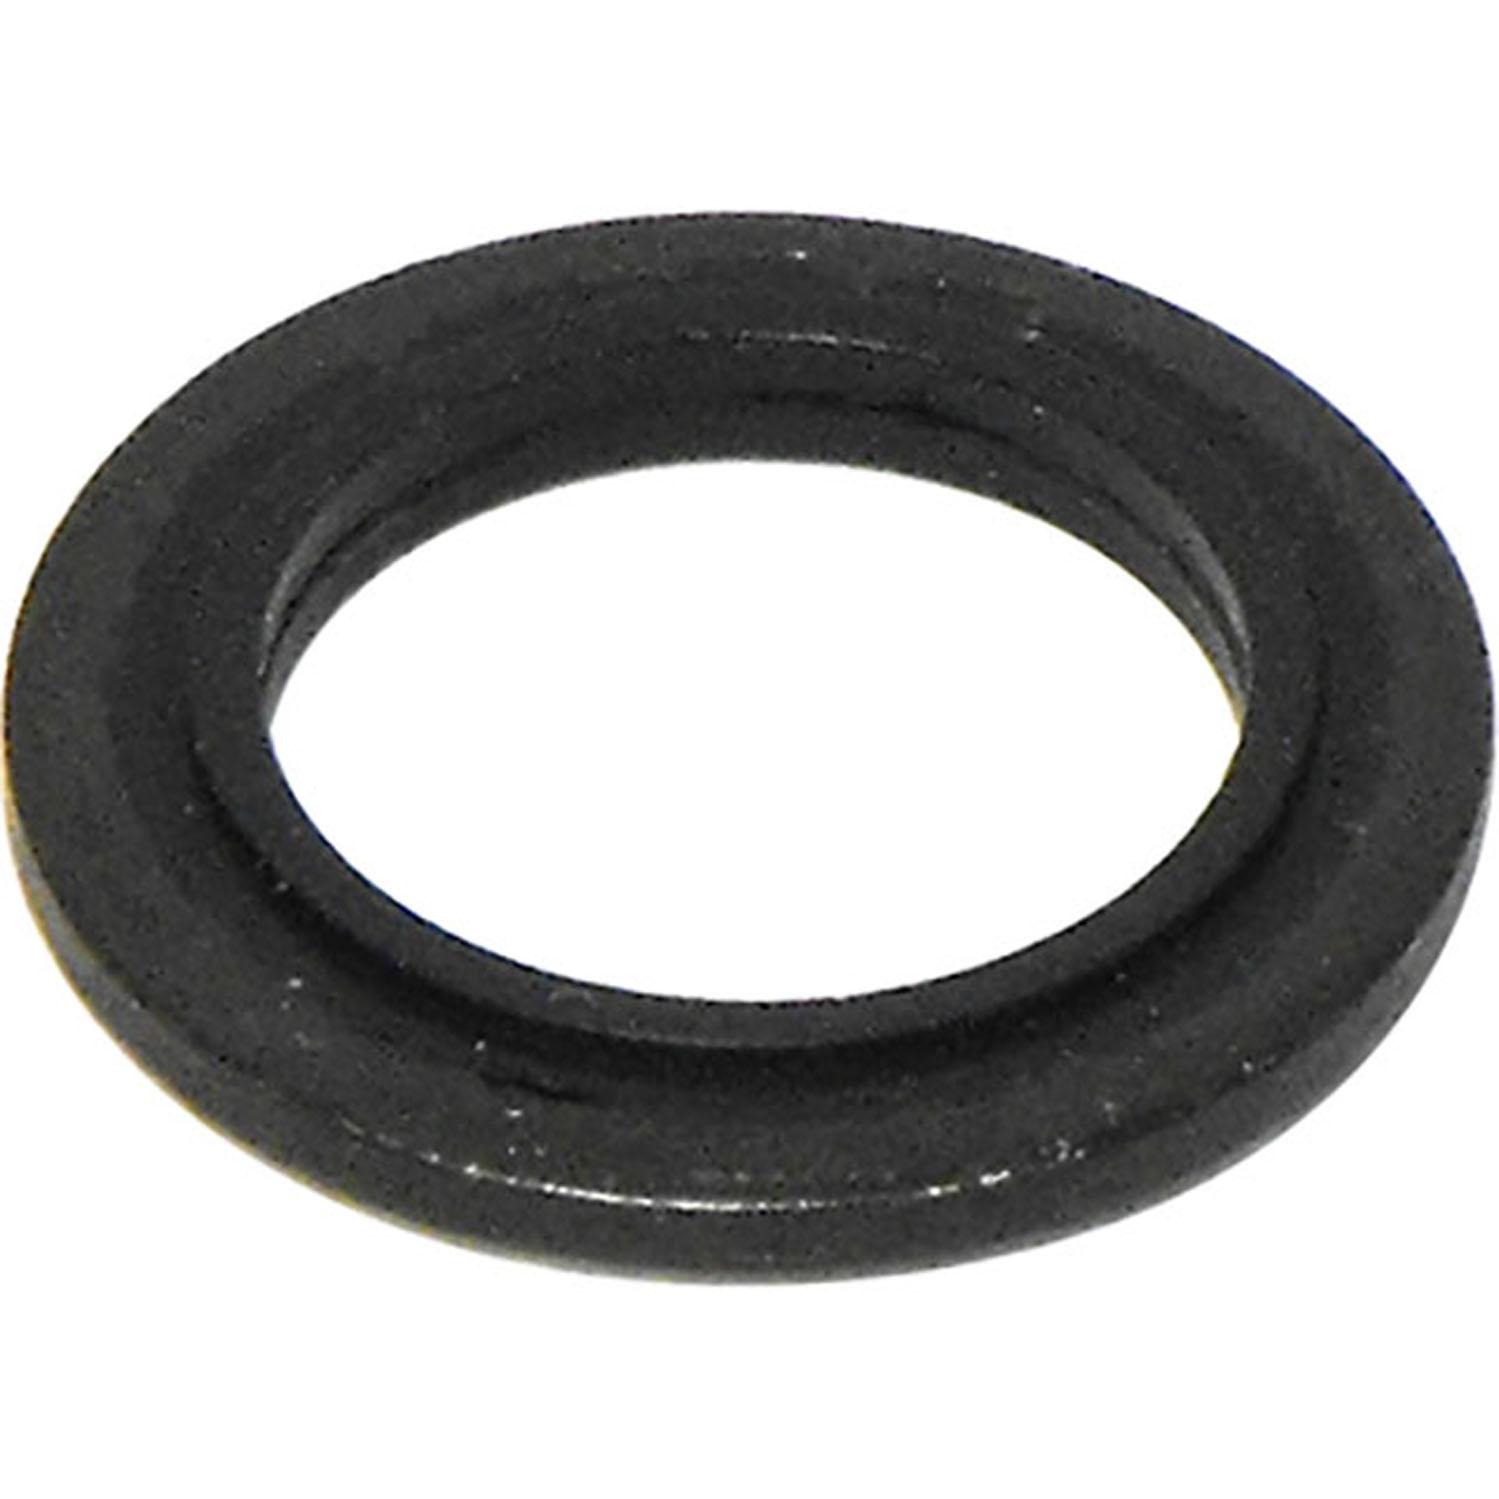 Sealing Washer Round GA 7106C